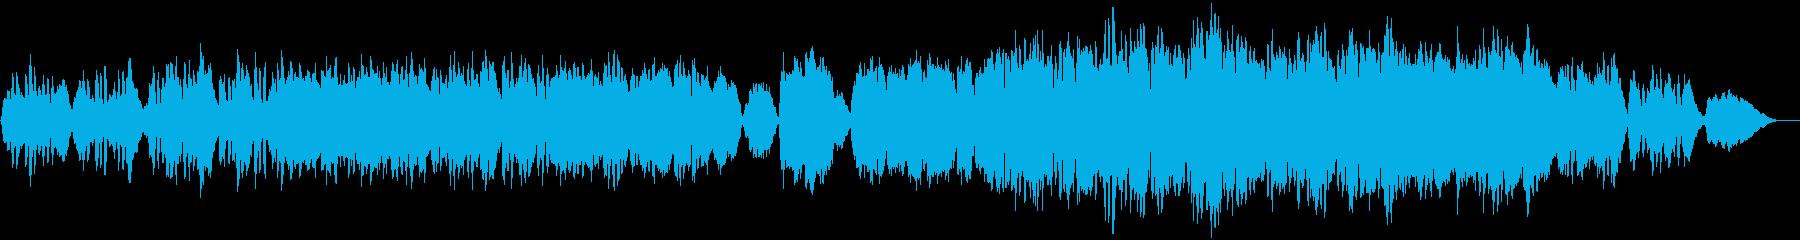 朗らかなオーケストラ楽曲の再生済みの波形